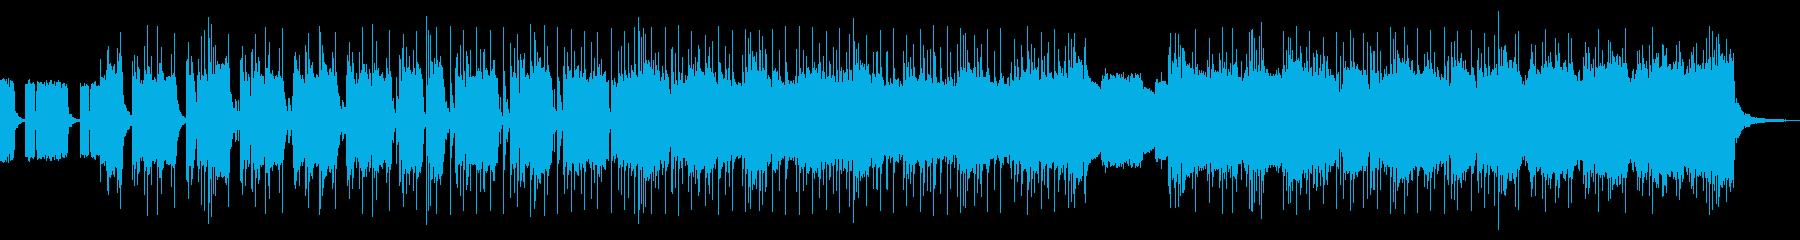 勢いがあるかっこいいロックの再生済みの波形